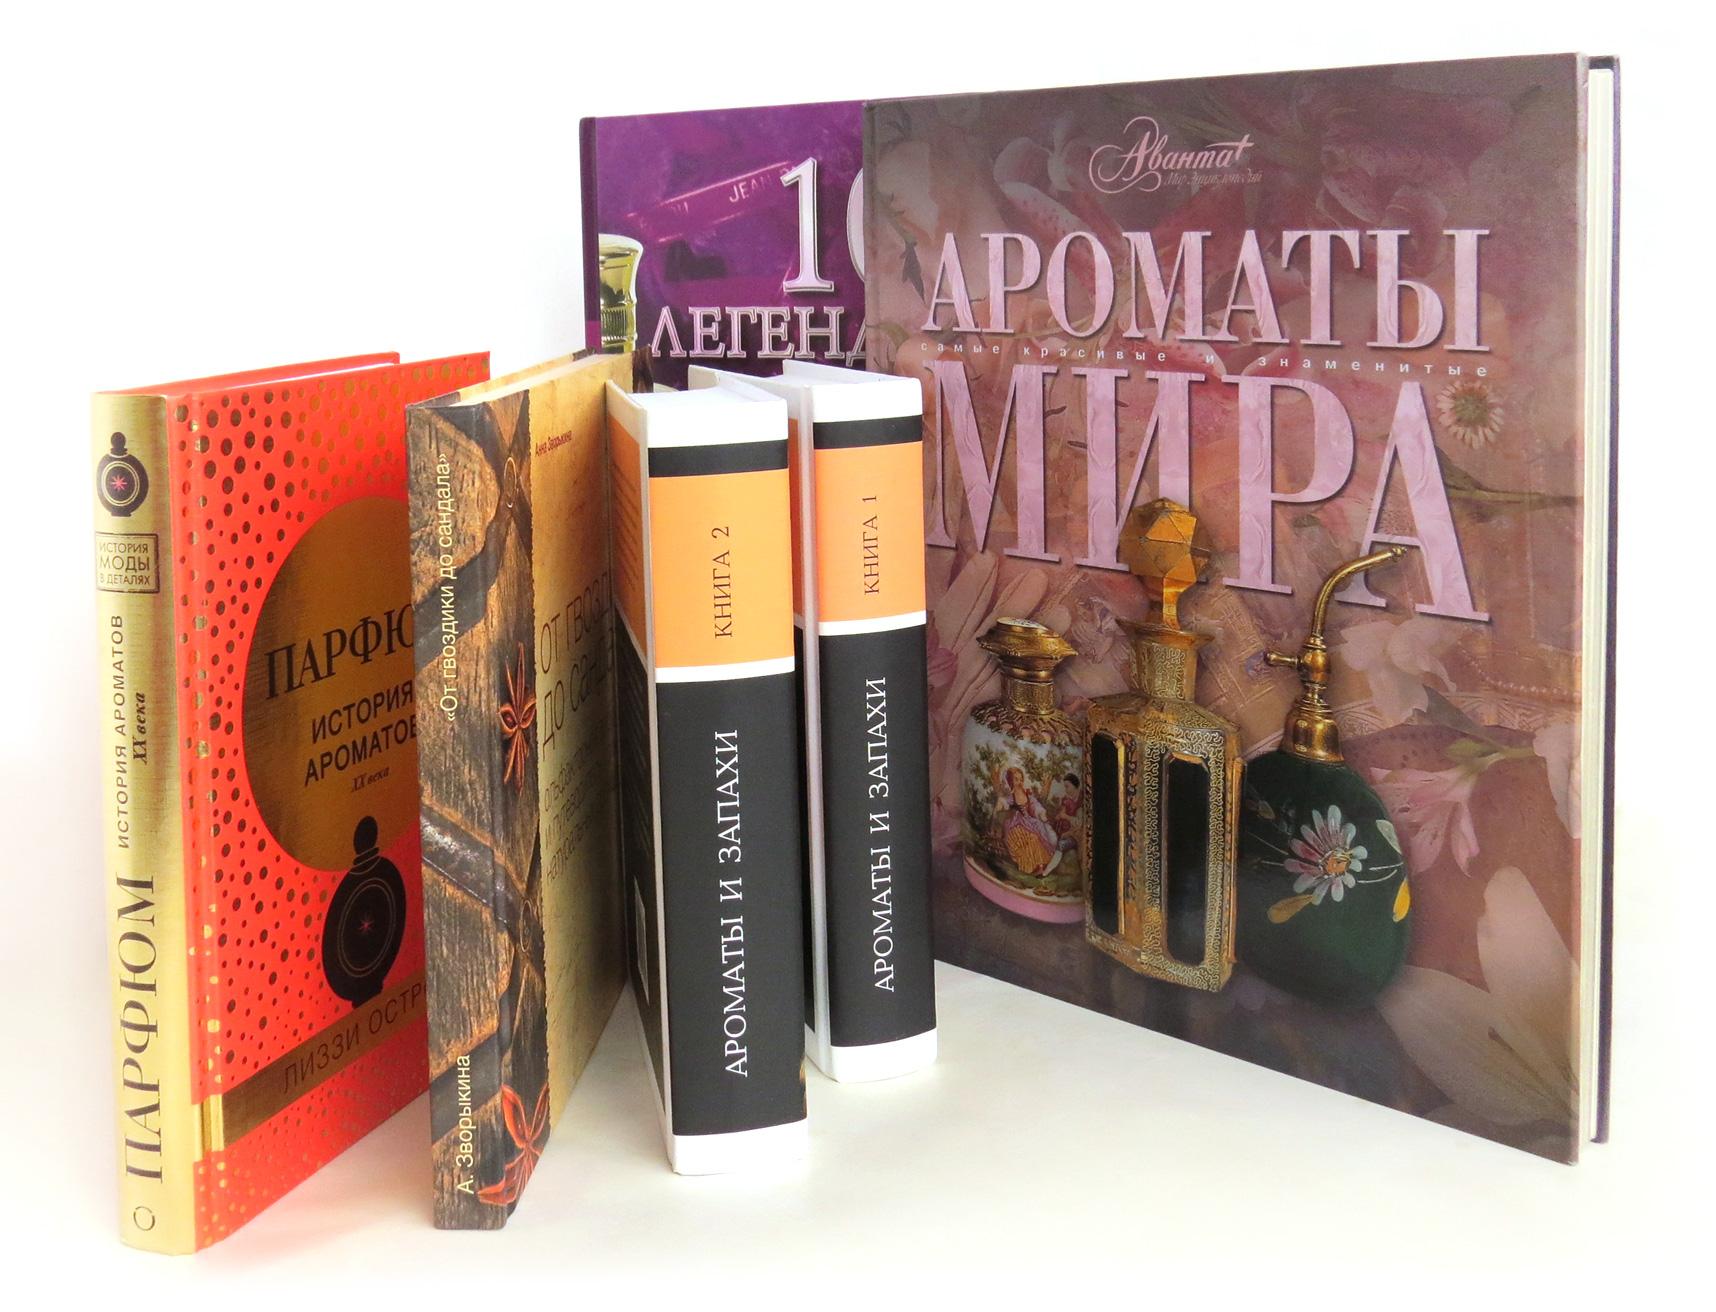 aa3d0b0ddd21 Что читать о парфюмерии? ~ Авторские очерки